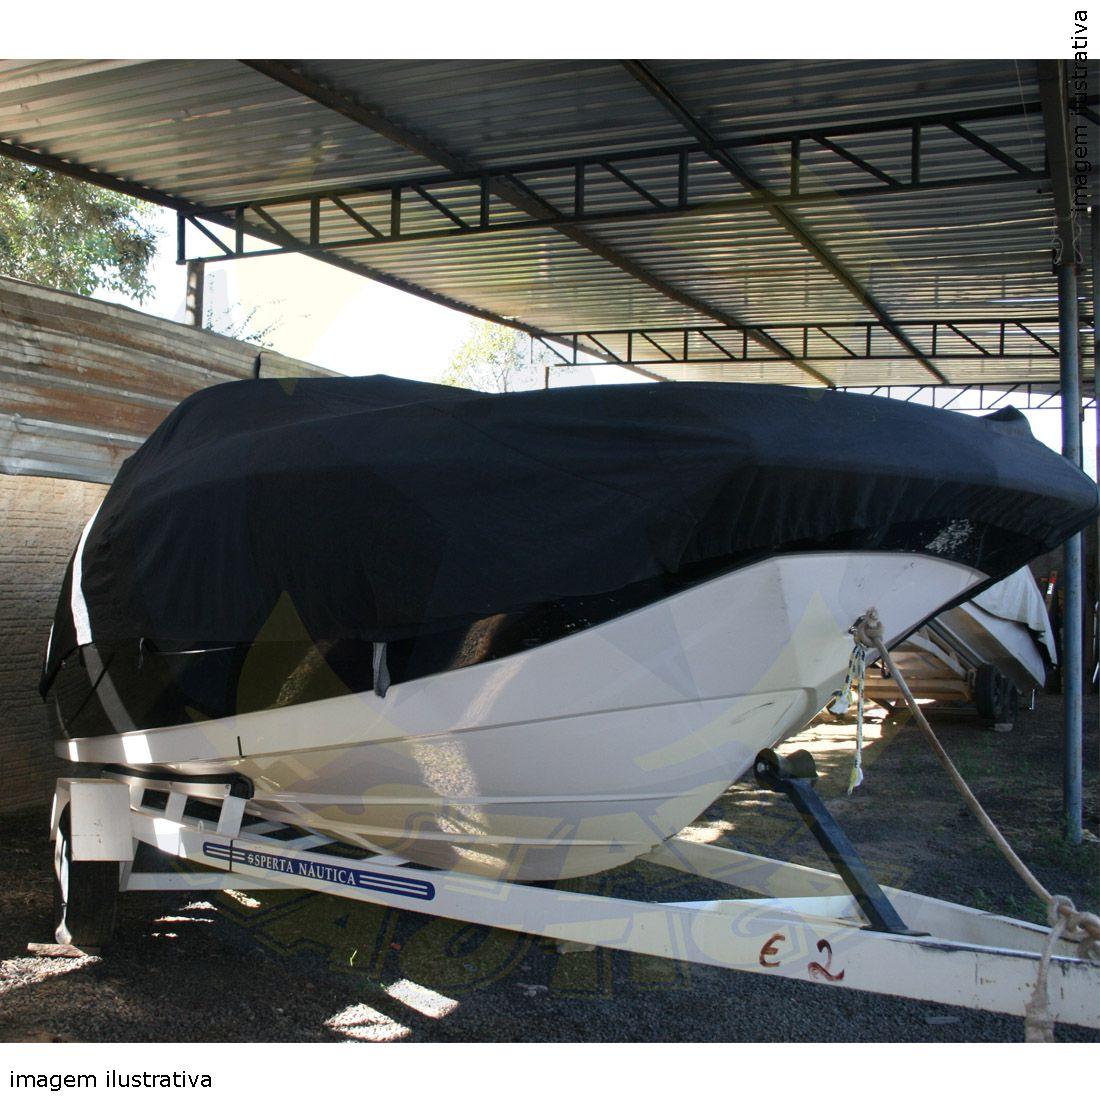 Capa Lona de Cobertura Lancha FS 230 Sirena ou Scapare Lona Guarda Chuva